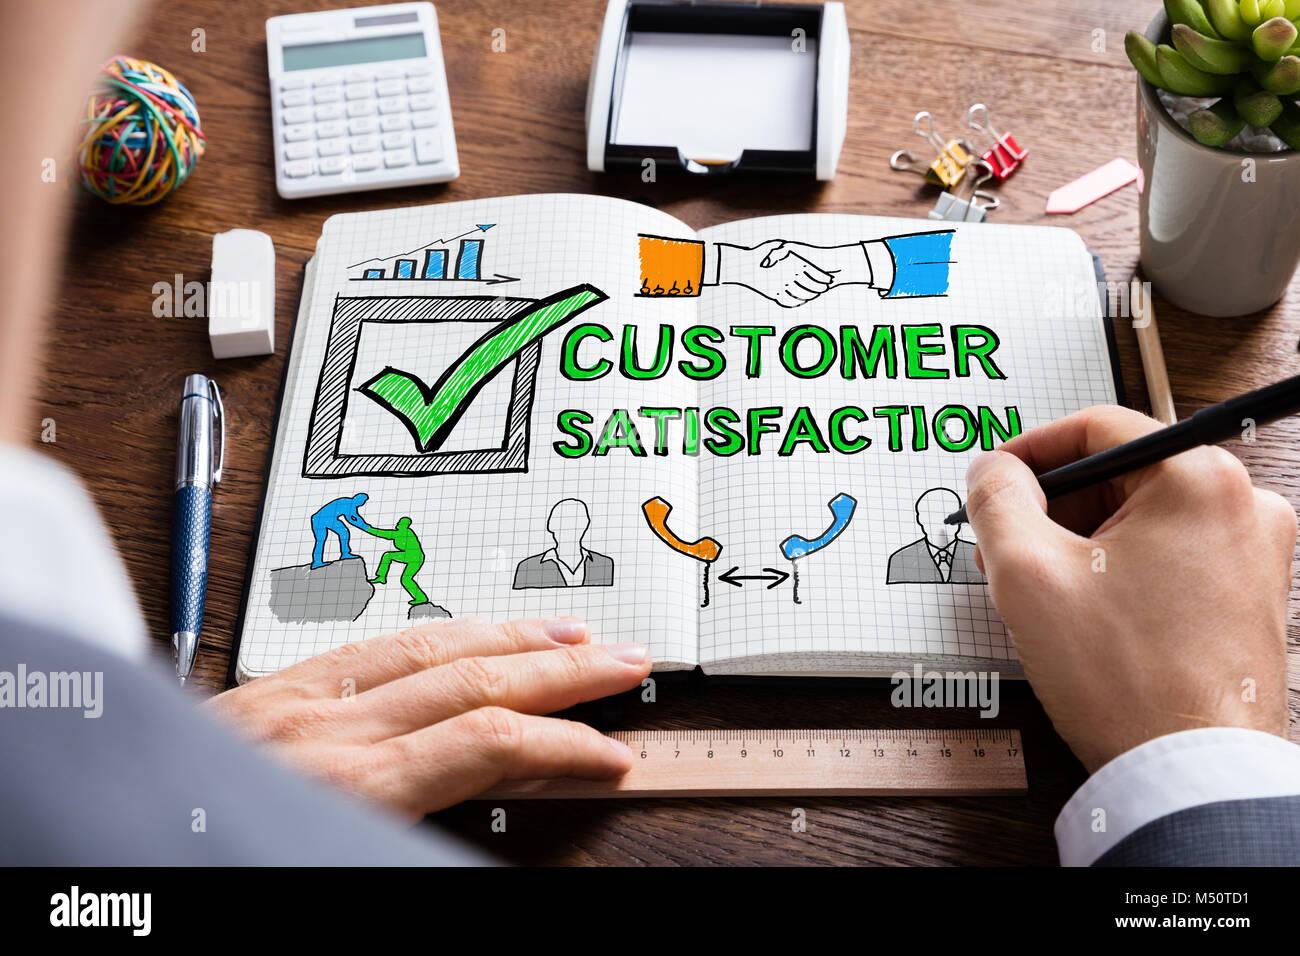 Mann Zeichnung Umfrage zur Kundenzufriedenheit Konzept in Notepad Stockbild